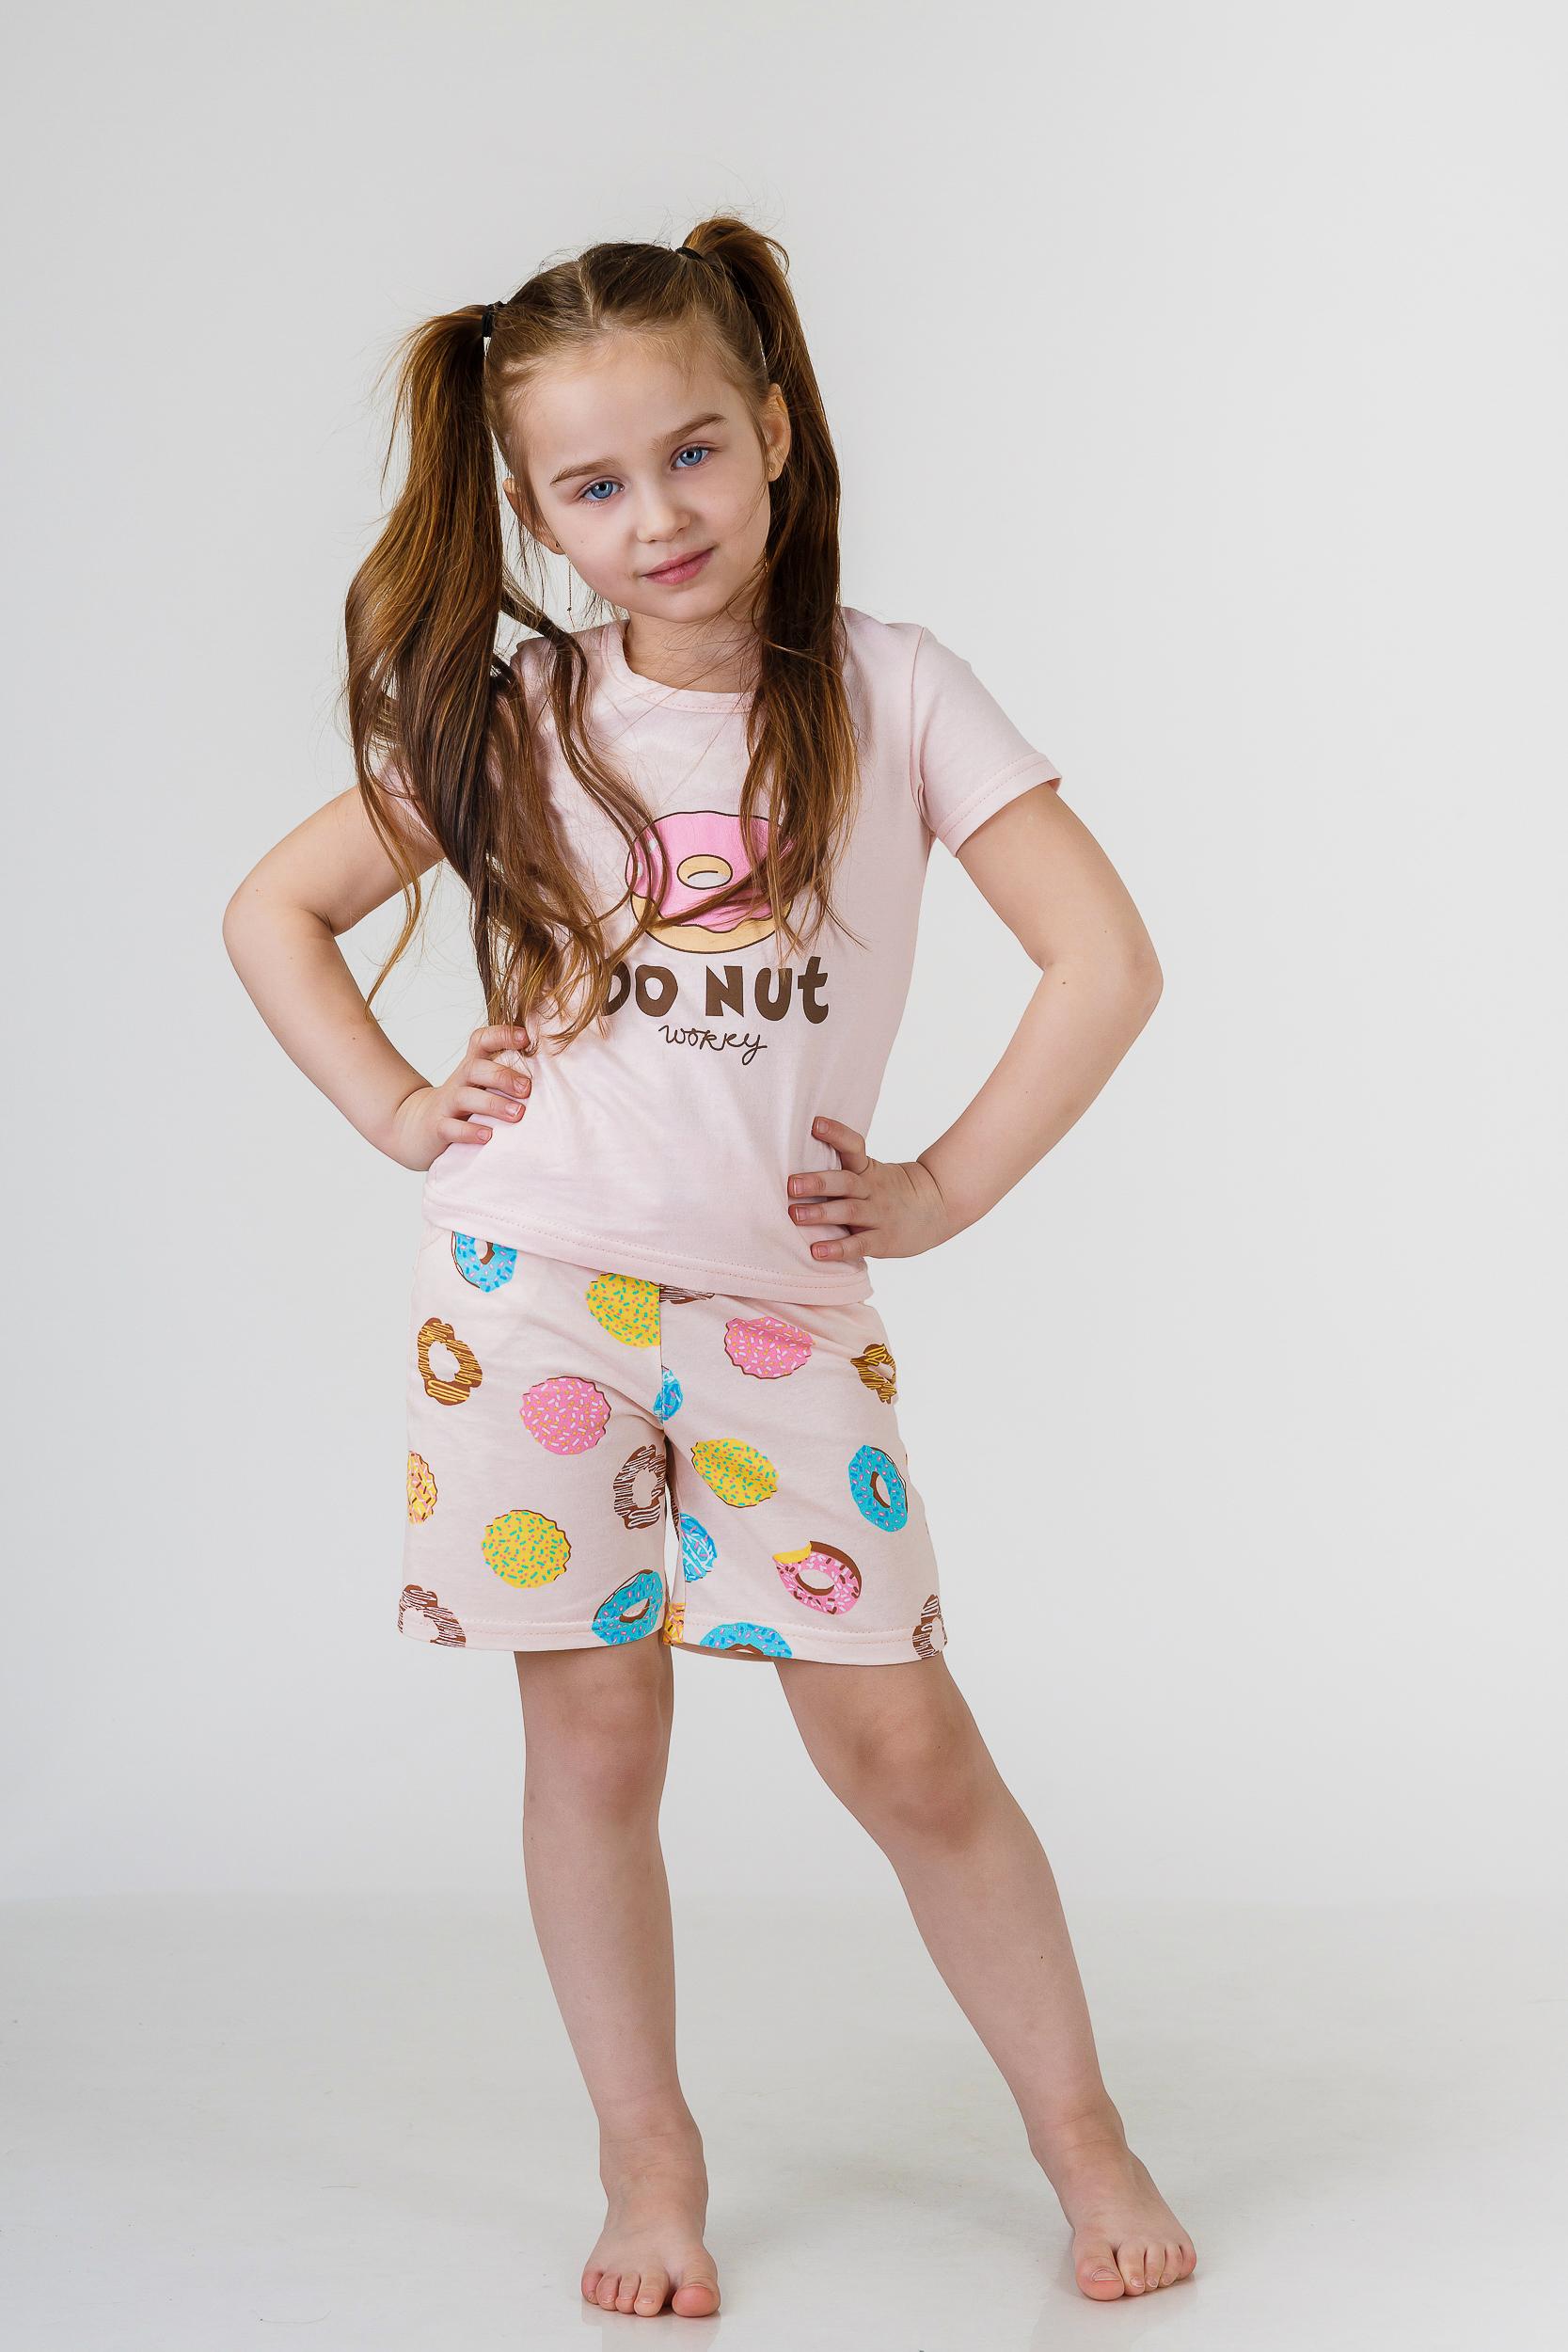 Детские пижамы Pastilla Детская пижама Лакомка Цвет: Пудровый (6-7 лет) детские пижамы pastilla детская пижама лакомка 2 цвет пудровый 7 лет